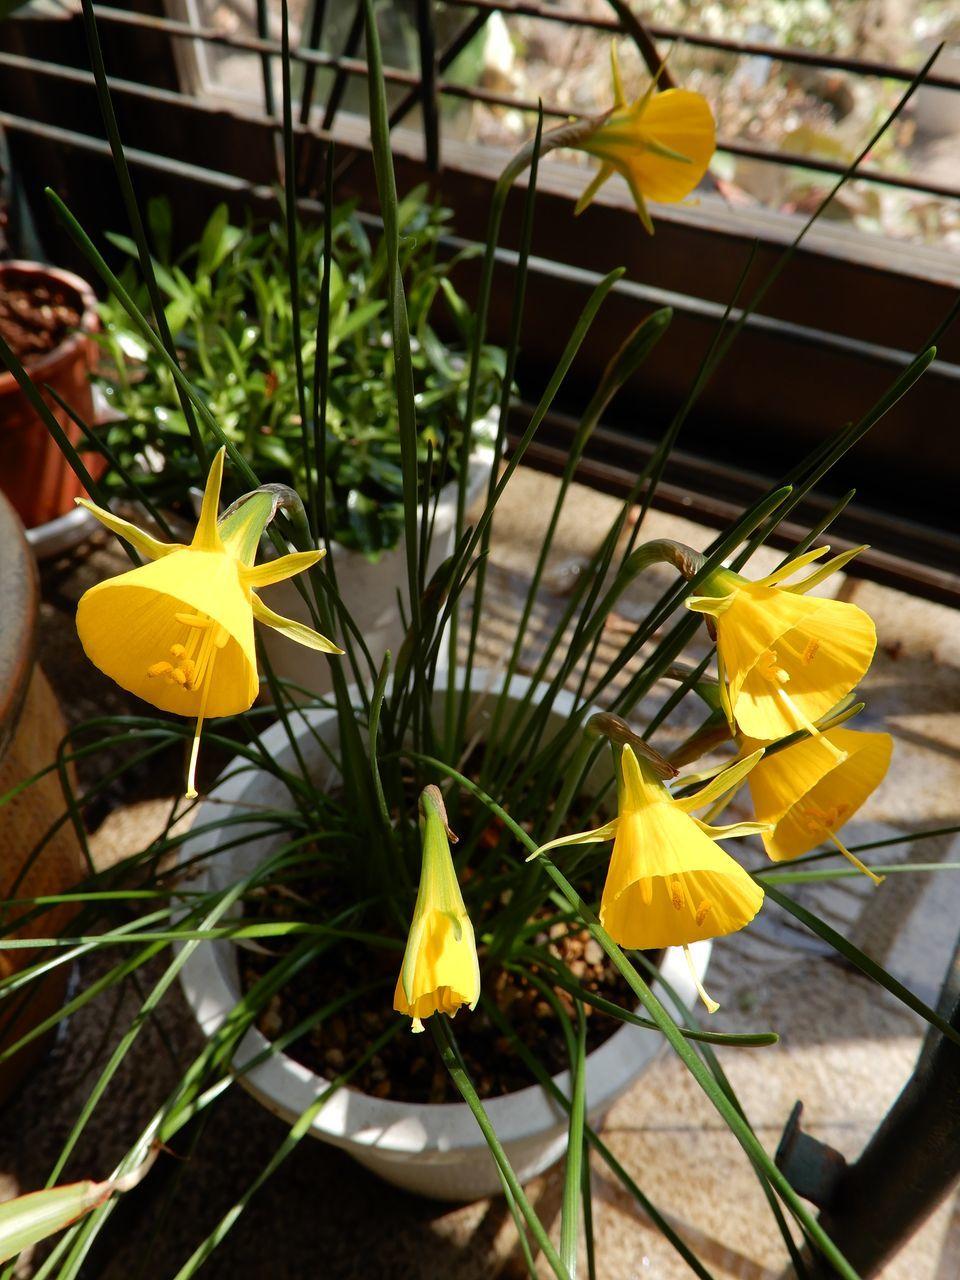 モクレンやレンギョウの花びらがのぞいています_c0025115_22091684.jpg